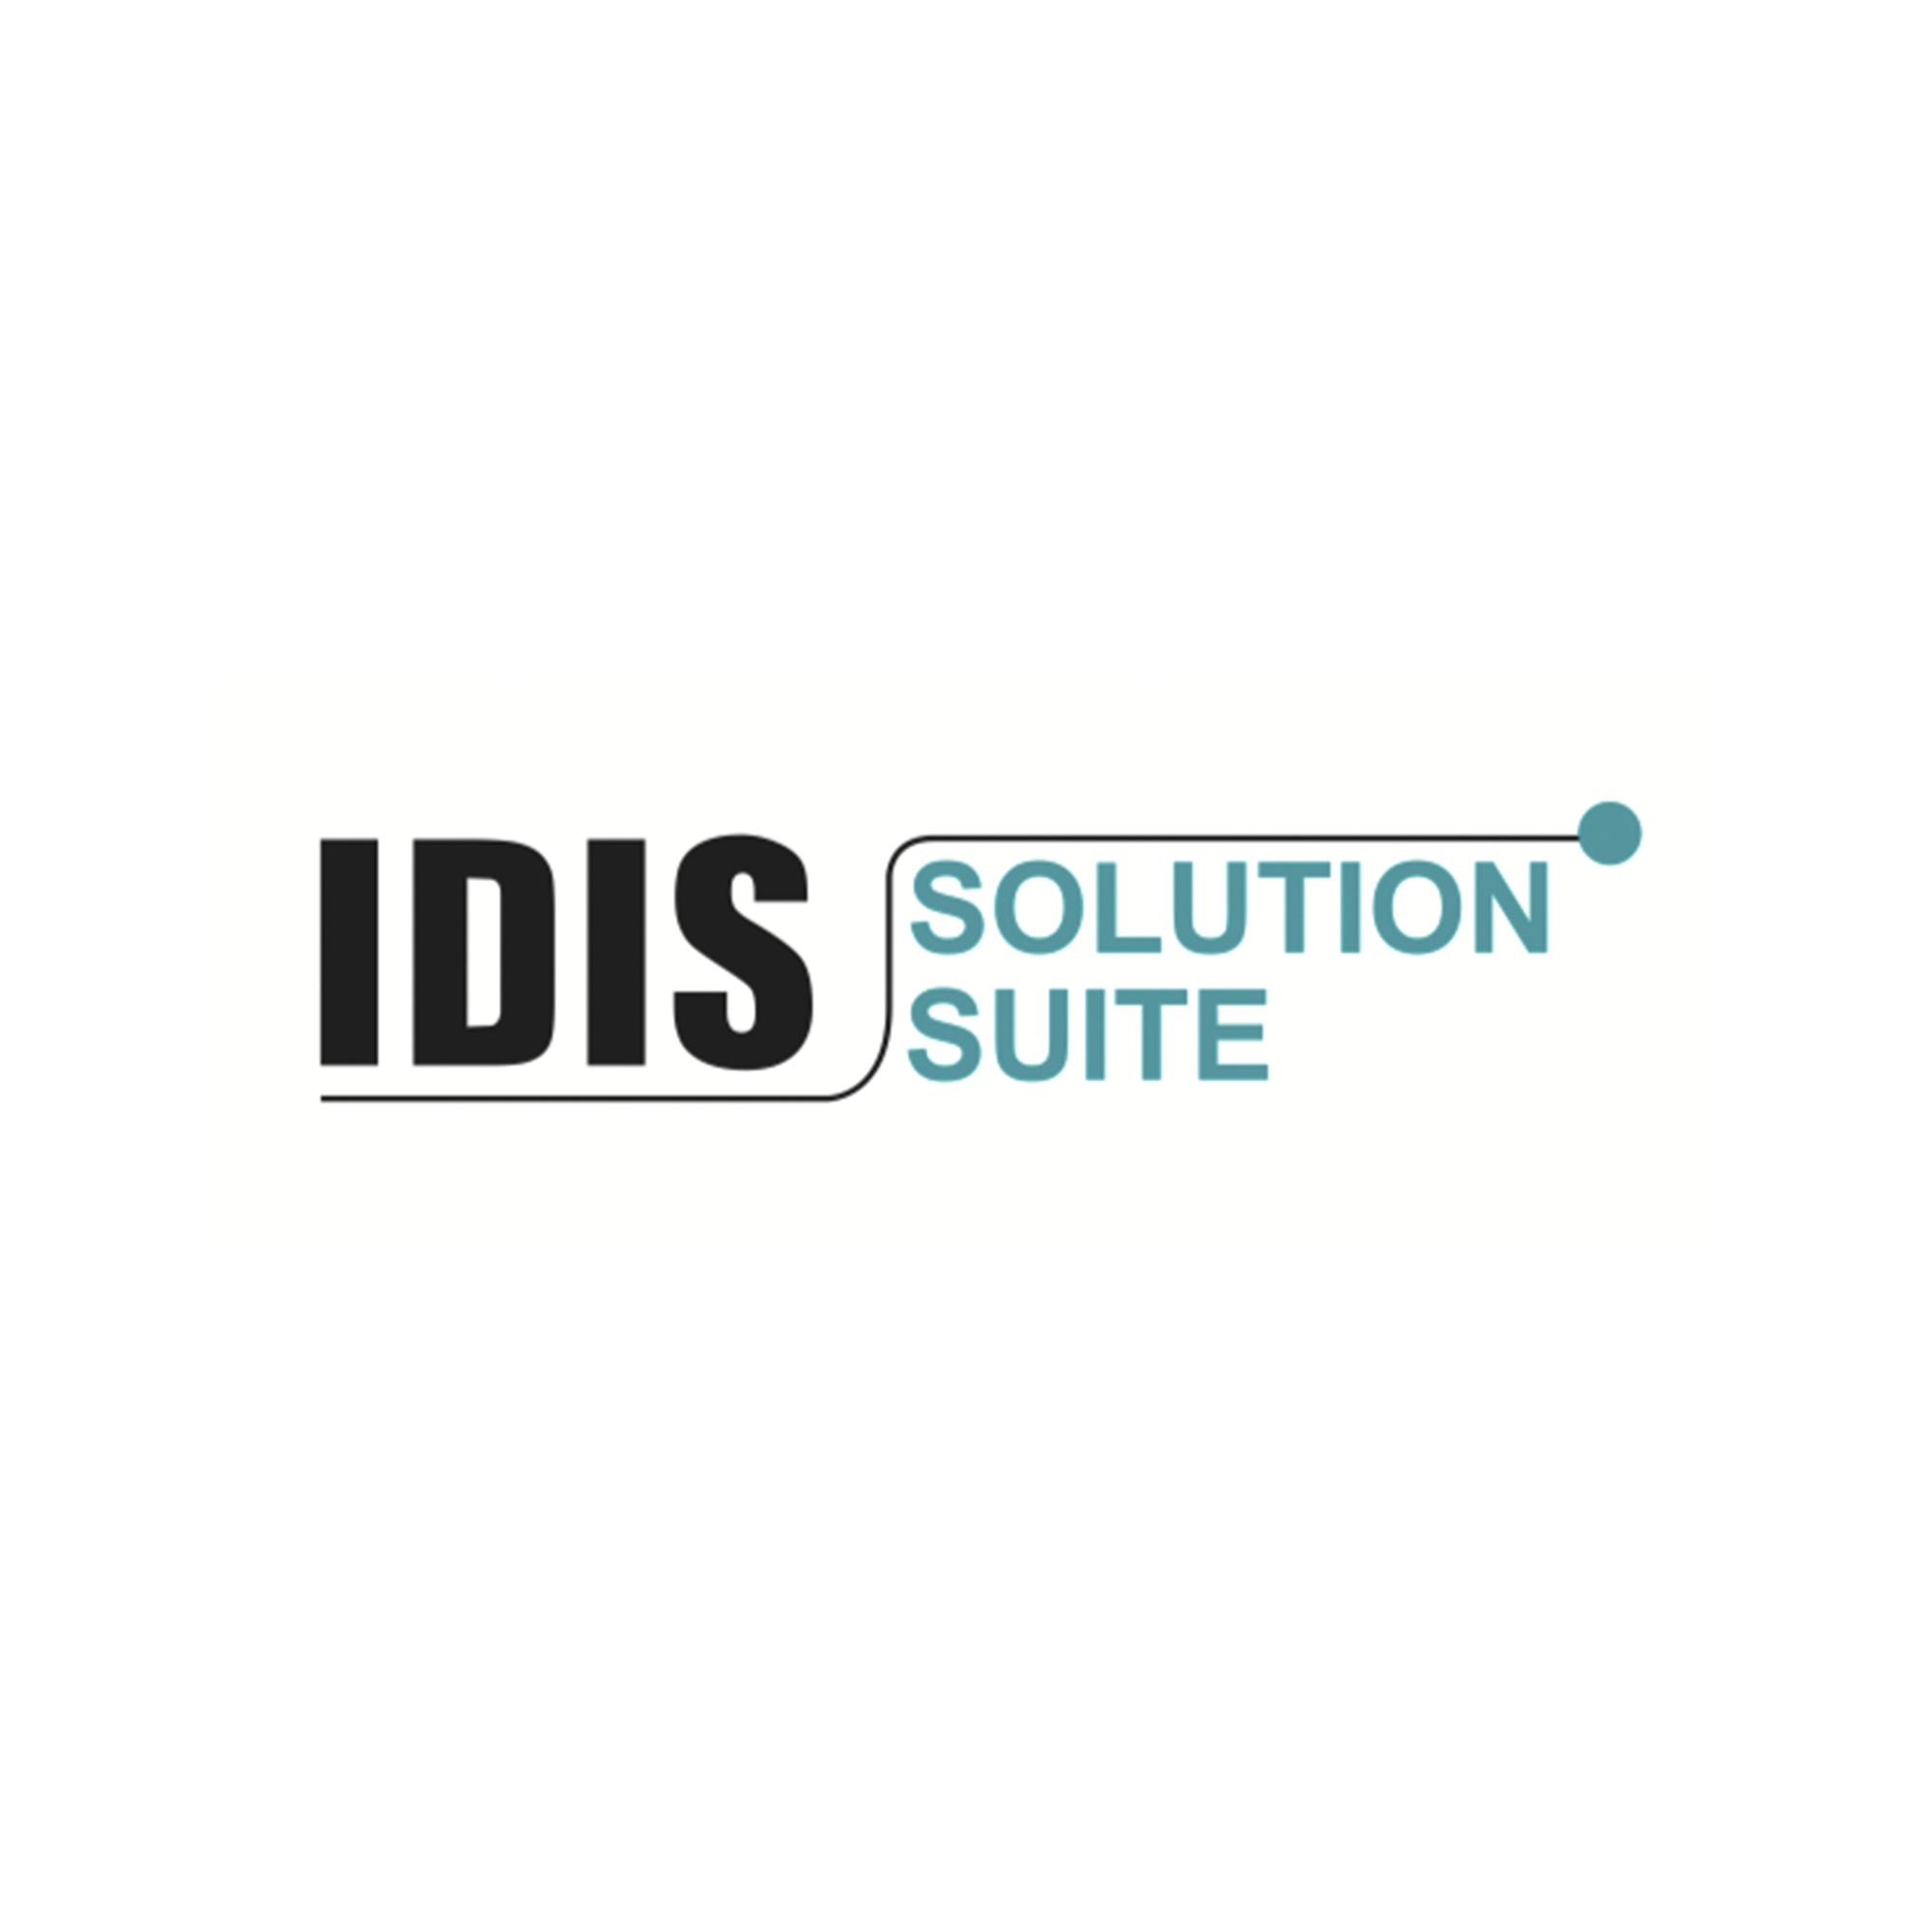 Licencia federación de 1 dispositivo p/ IDIS Solution Suite [Requiere ISSEXPIDI1CH]